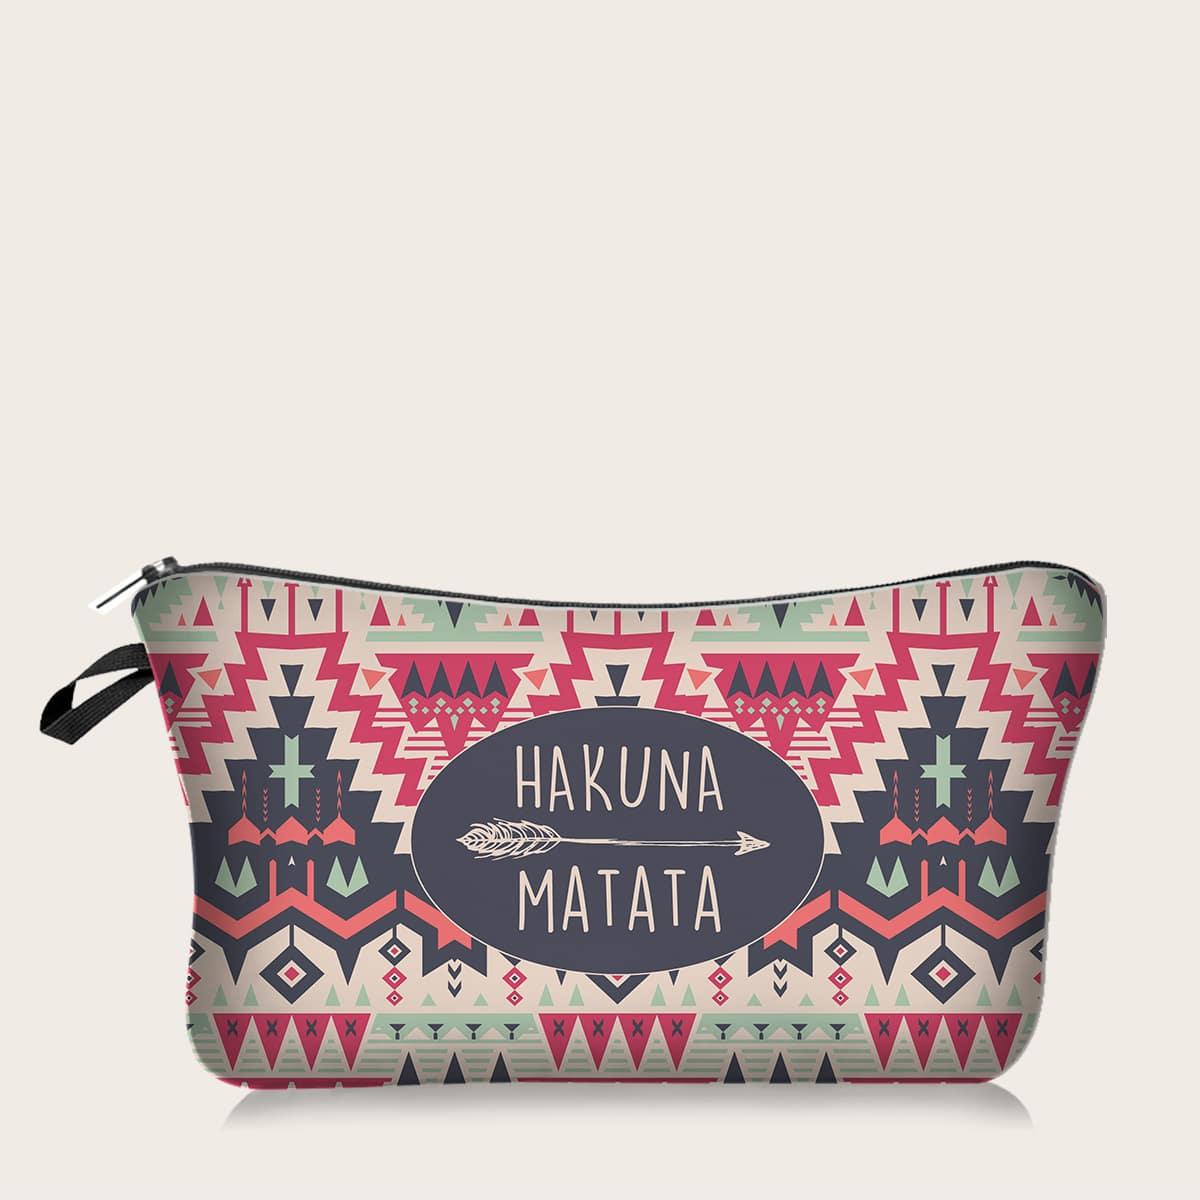 1шт косметическая сумка с племенным принтом